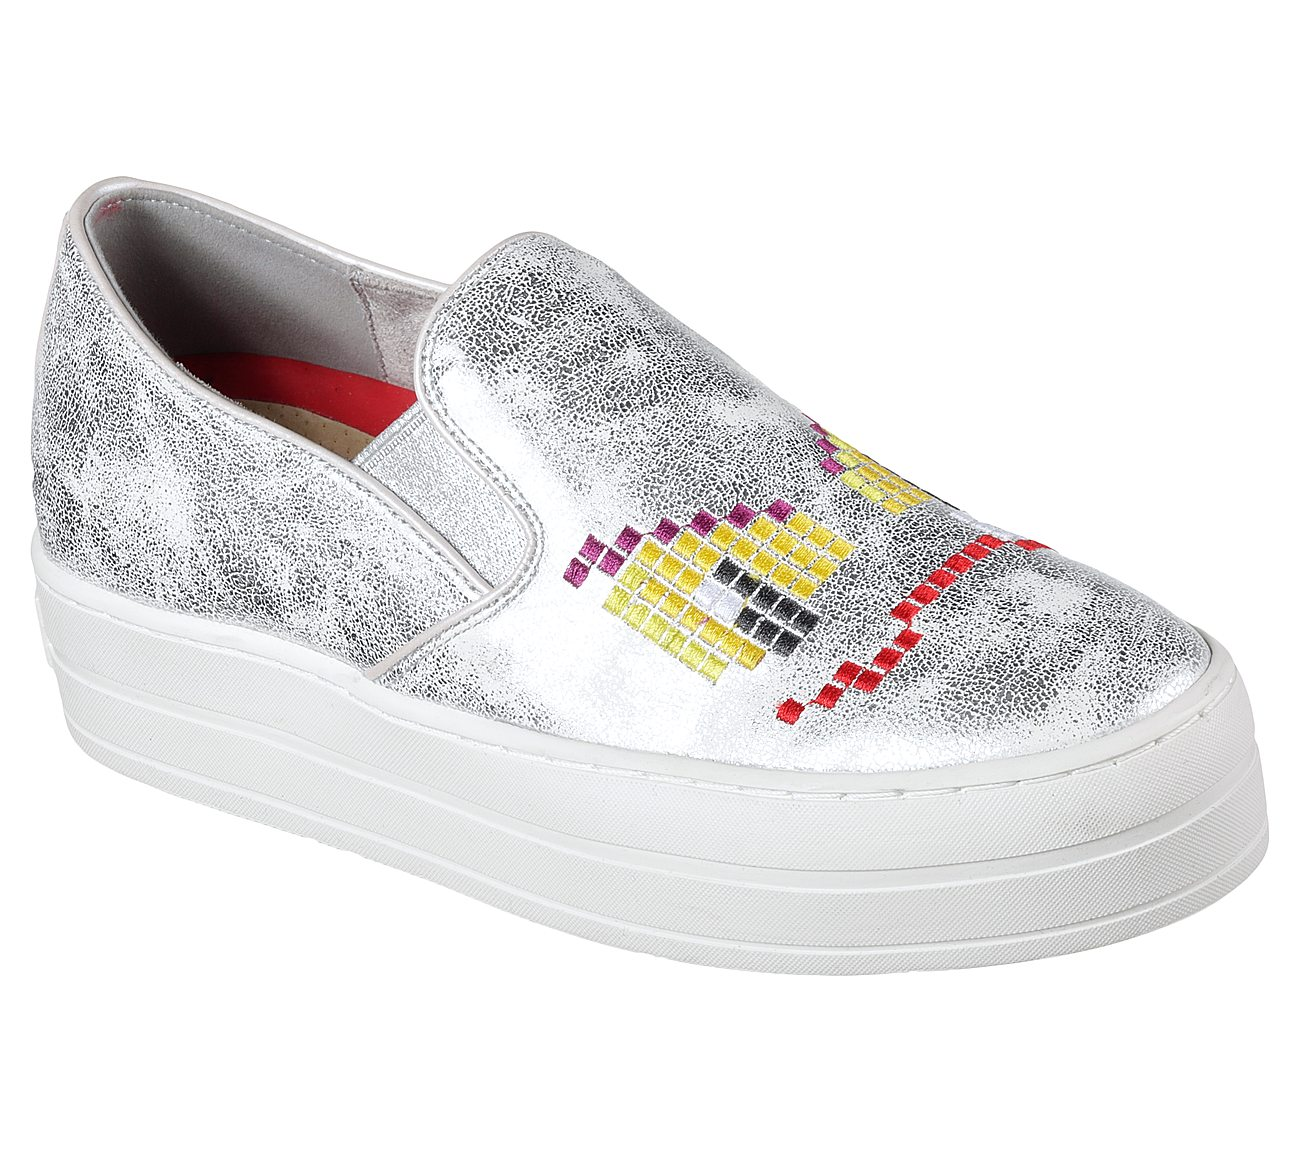 Uplift SKECHER 40 Street SKECHERS Buy only Shoes 00 Grimace wzCOxt5q